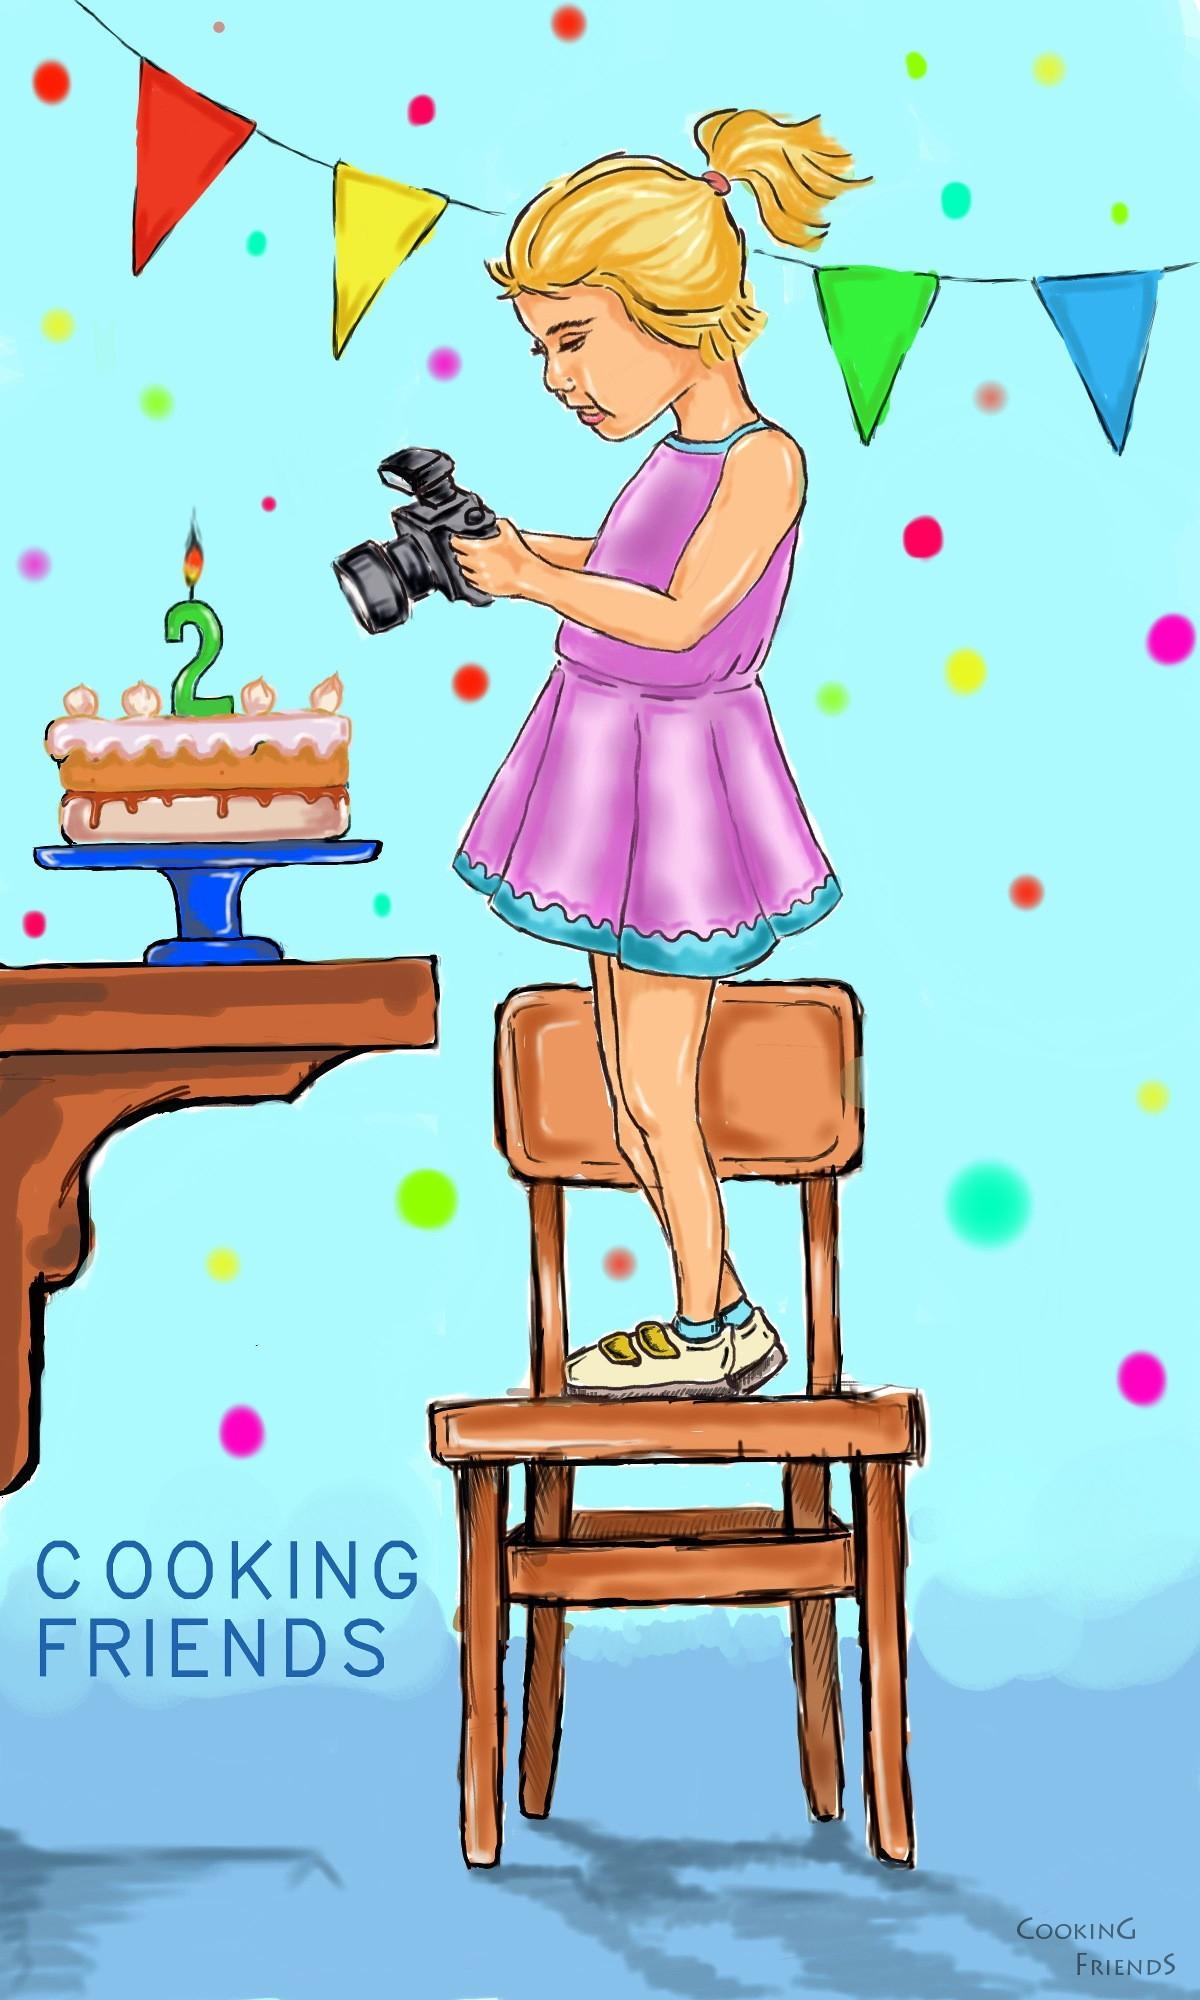 Специални благодарности на Пламен за прекрасните рисунки, с които украсява блога. Обожавам ги! :)